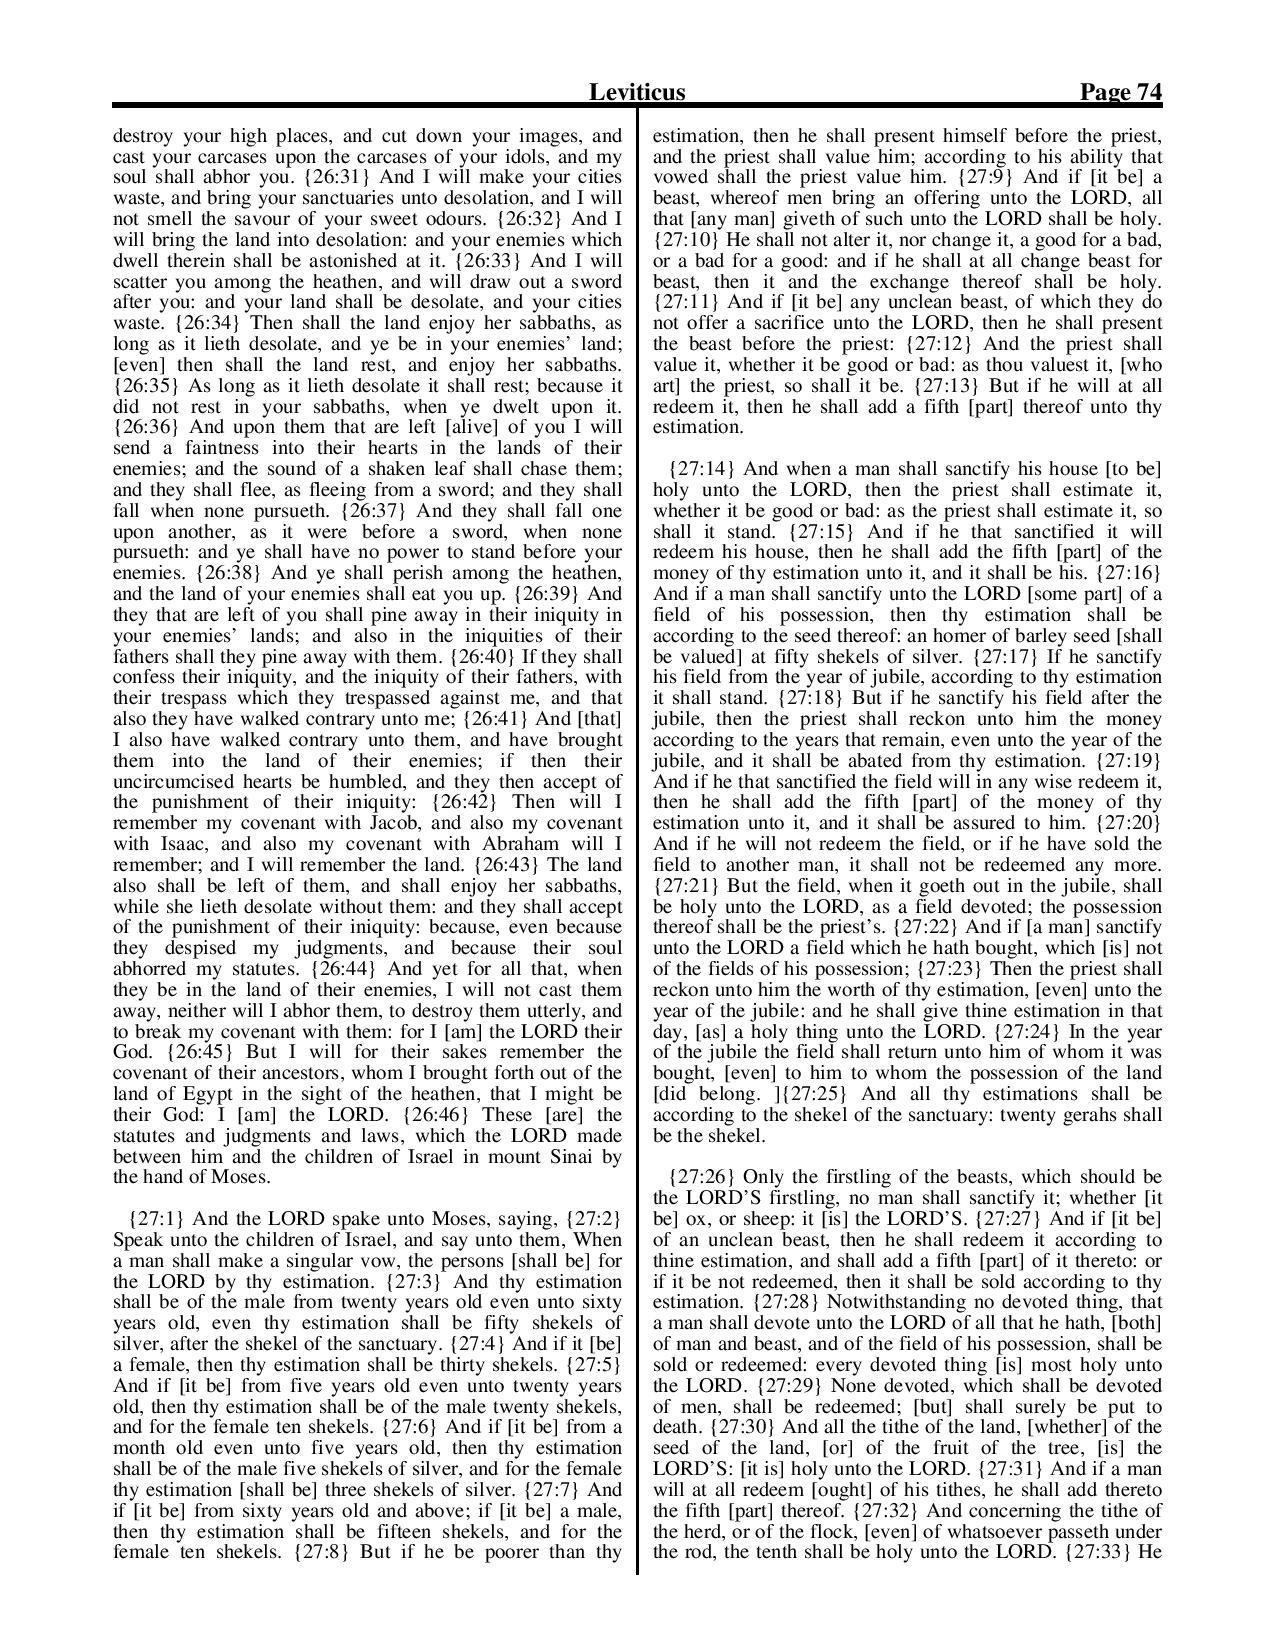 King-James-Bible-KJV-Bible-PDF-page-095